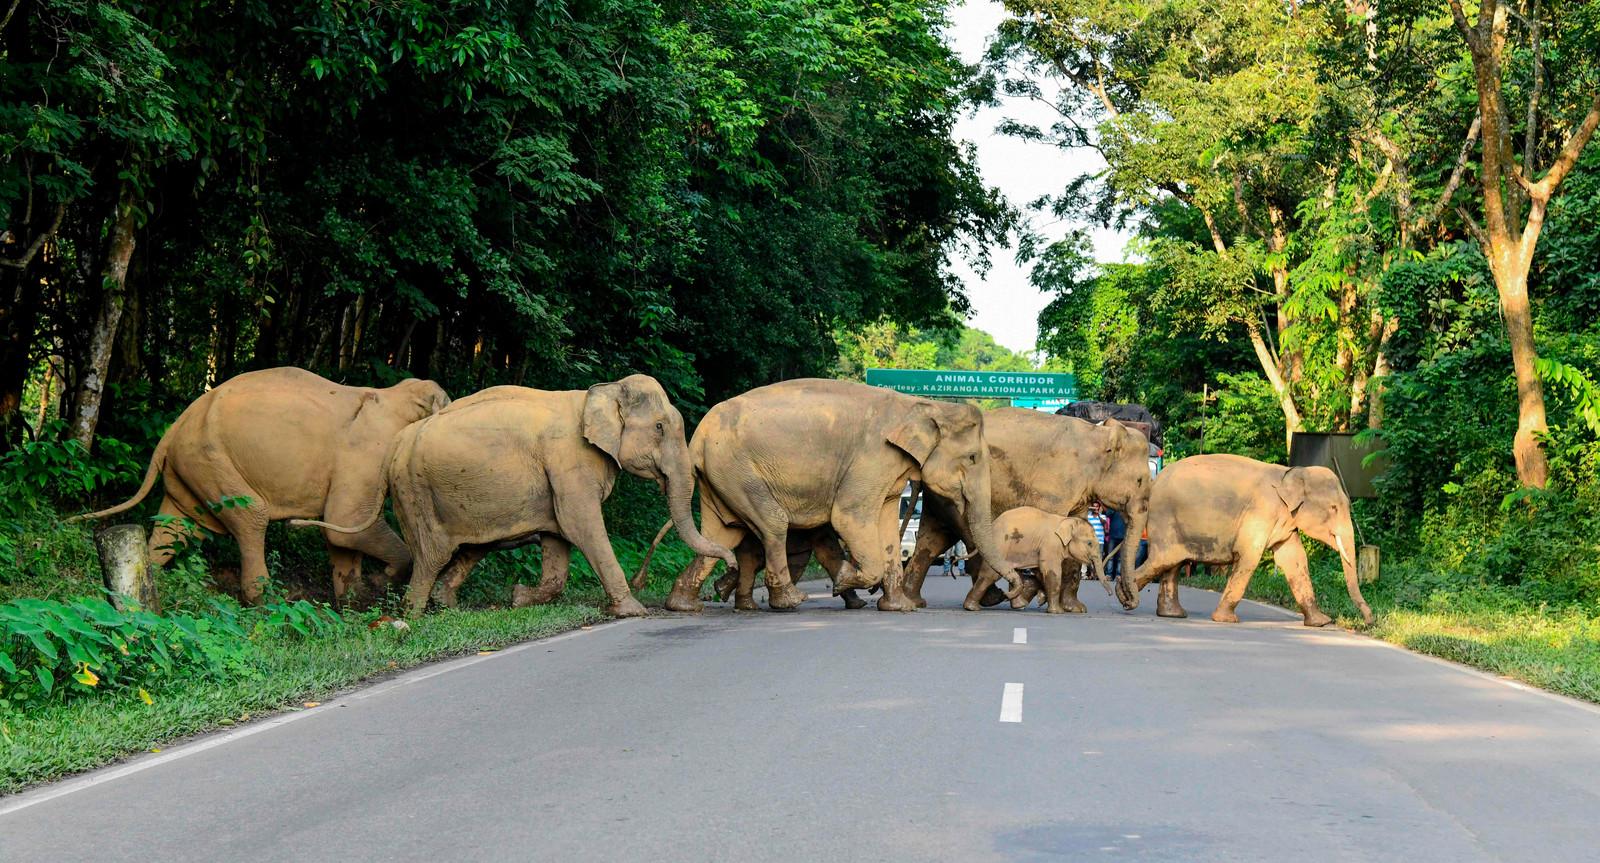 Wilde olifanten komen in India steeds vaker 'in botsing' met de oprukkende mens. Hun leefgebieden worden kleiner, routes die zij al generaties gebruiken, worden doorkruist door spoor- en snelwegen. Foto Biju BORO / AFP